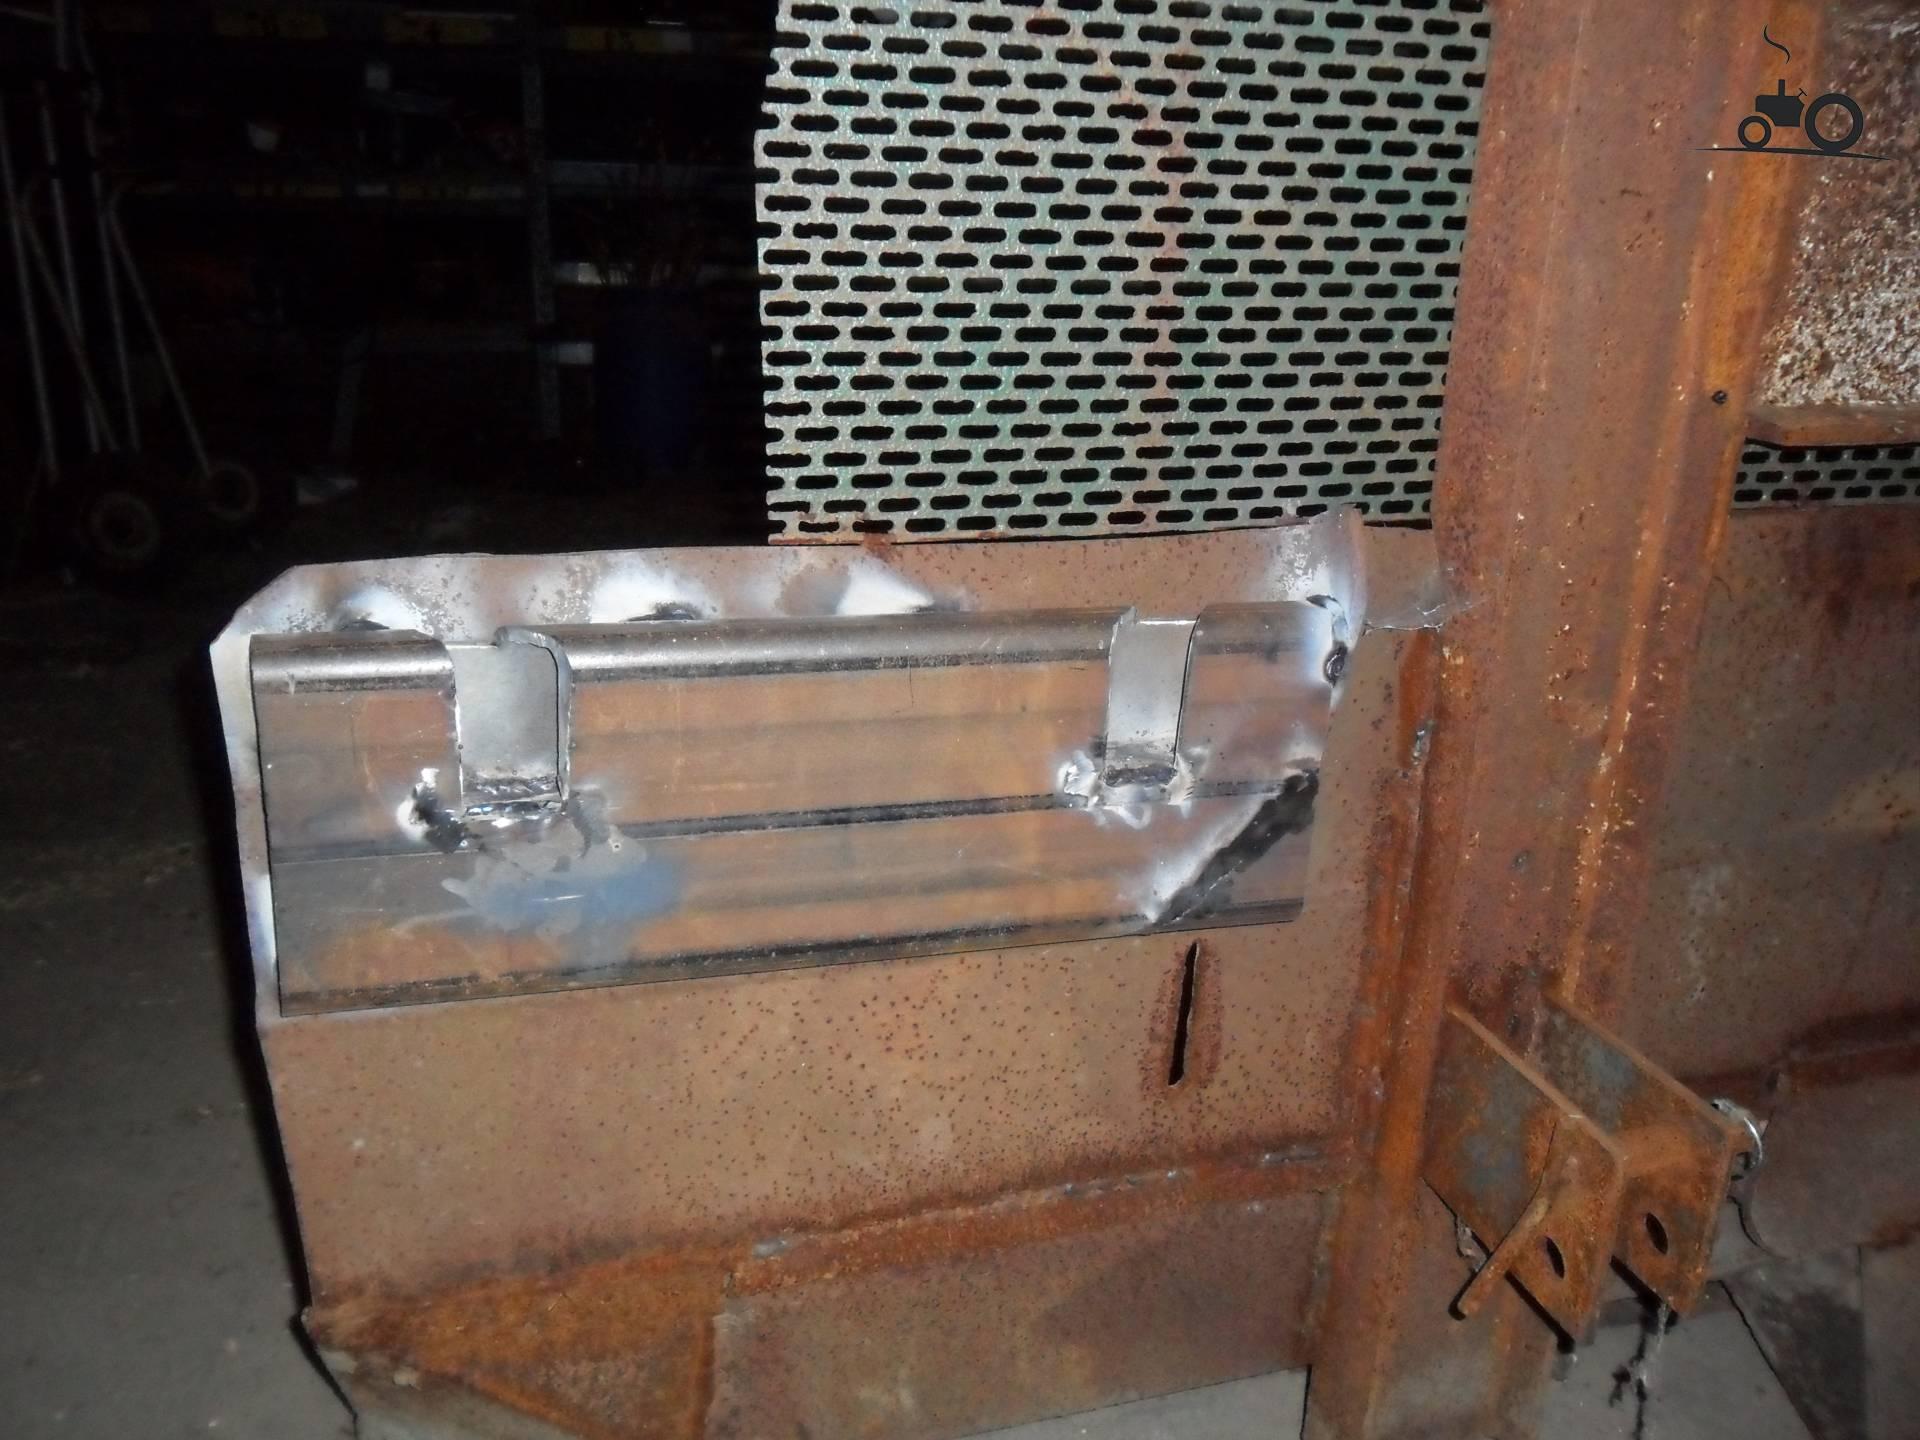 Te koop gevraagd frontschuif, te gebruiken als frontgewicht